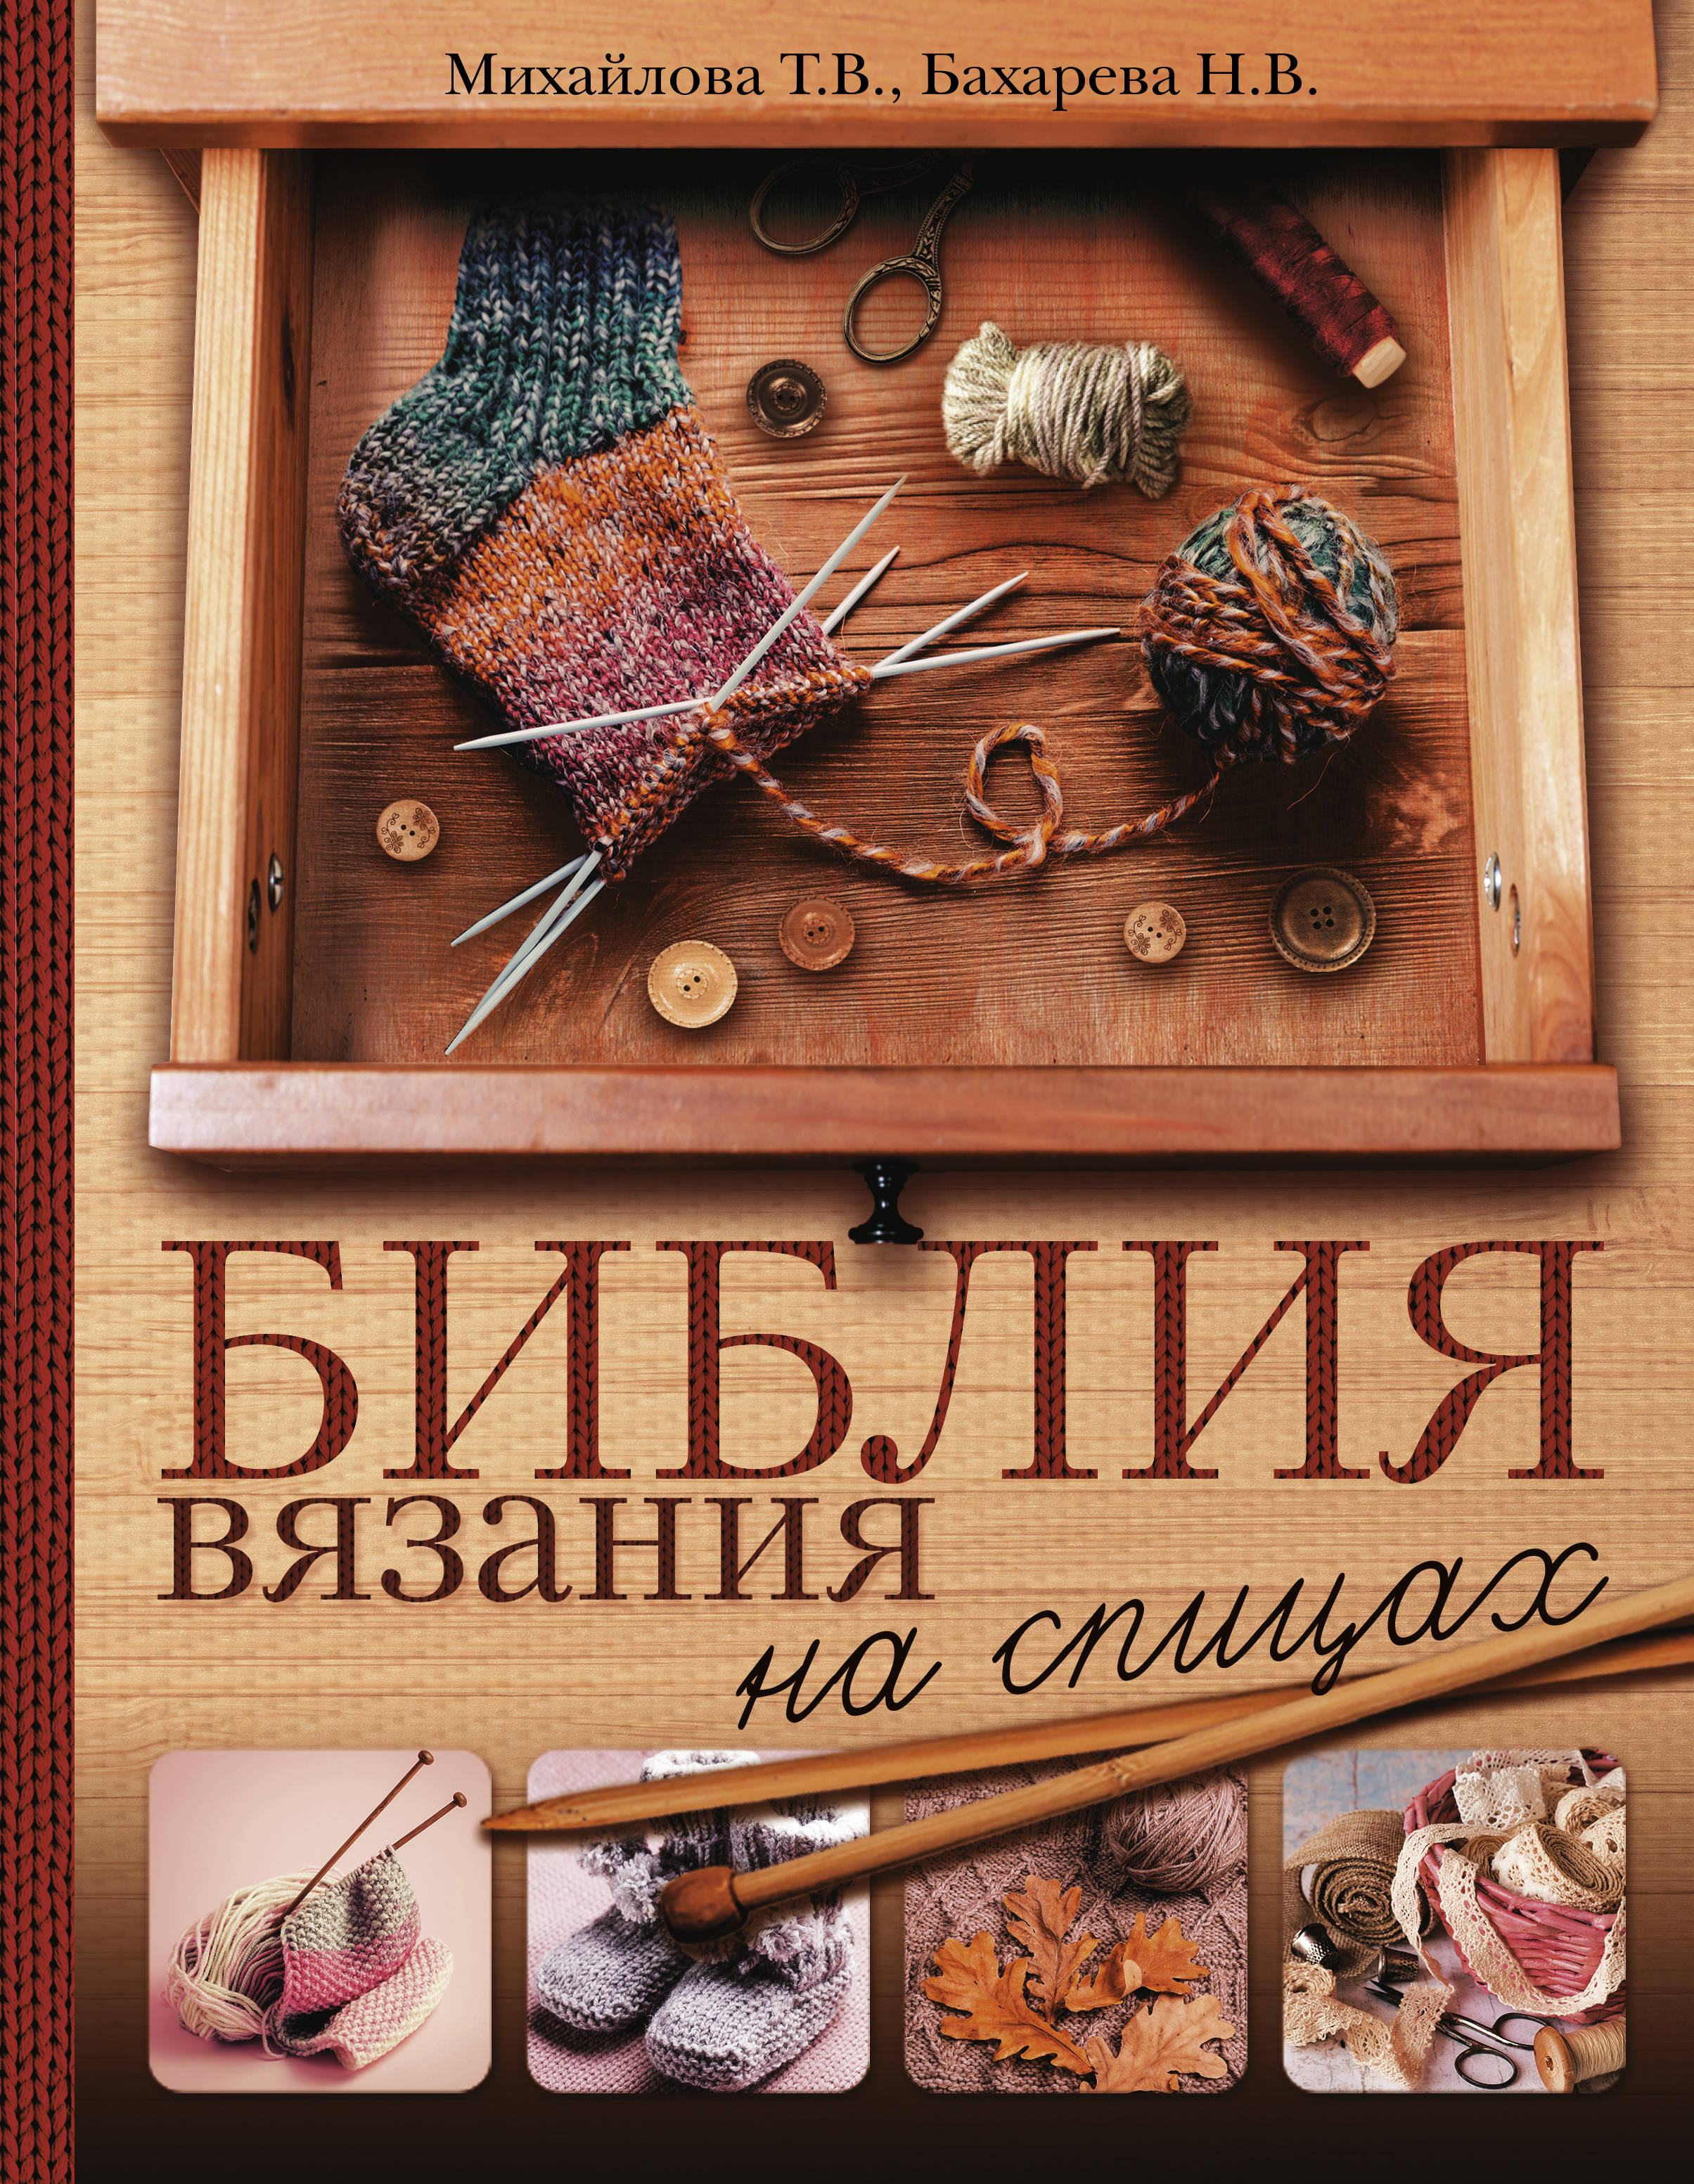 Т. В. Михайлова, Н. В. Бахарева Библия вязания на спицах